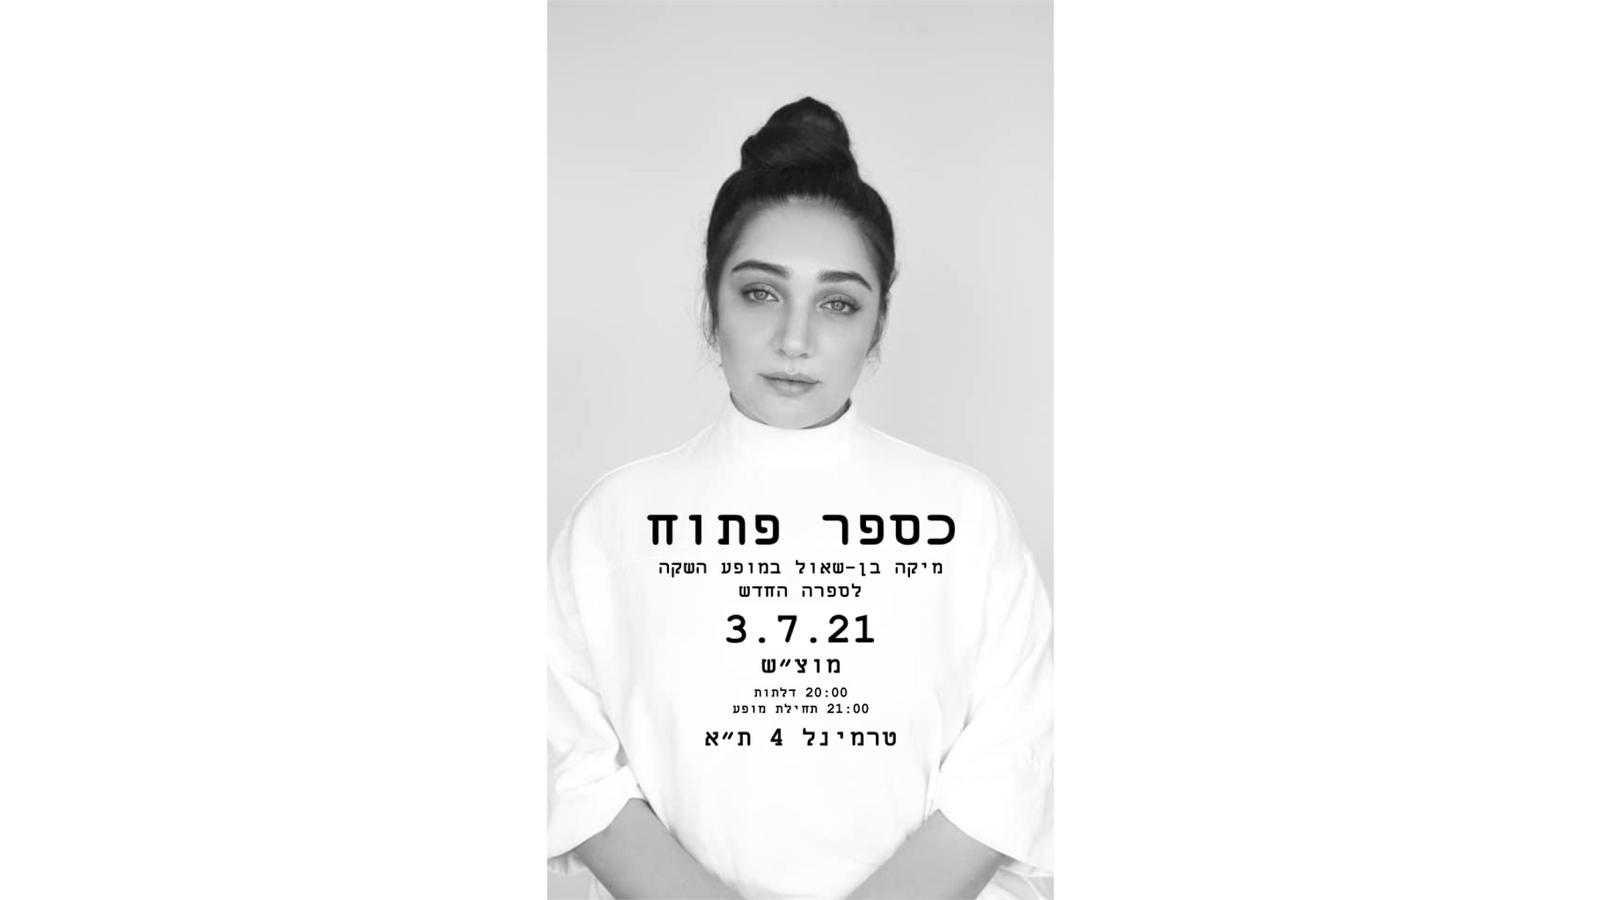 כספר פתוח׳ - מיקה בן-שאול במופע השקה לספרה השלישי בטרמינל